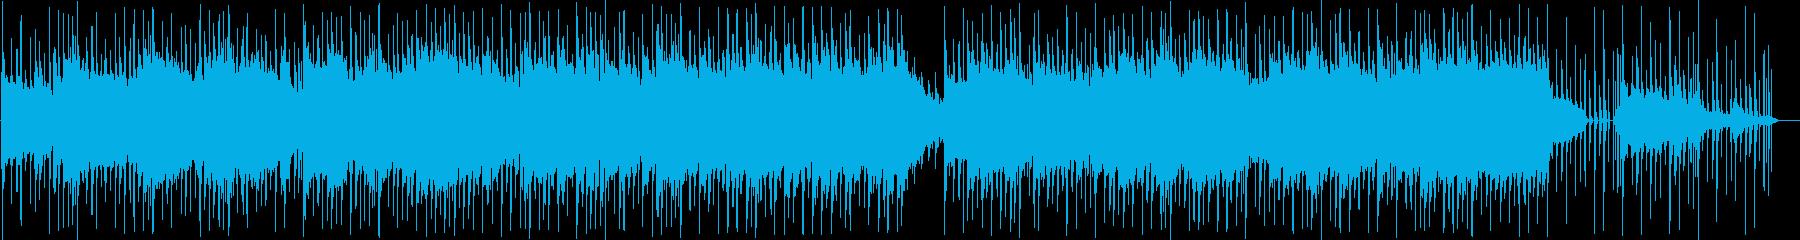 ピアノの喜怒哀楽を表現の再生済みの波形